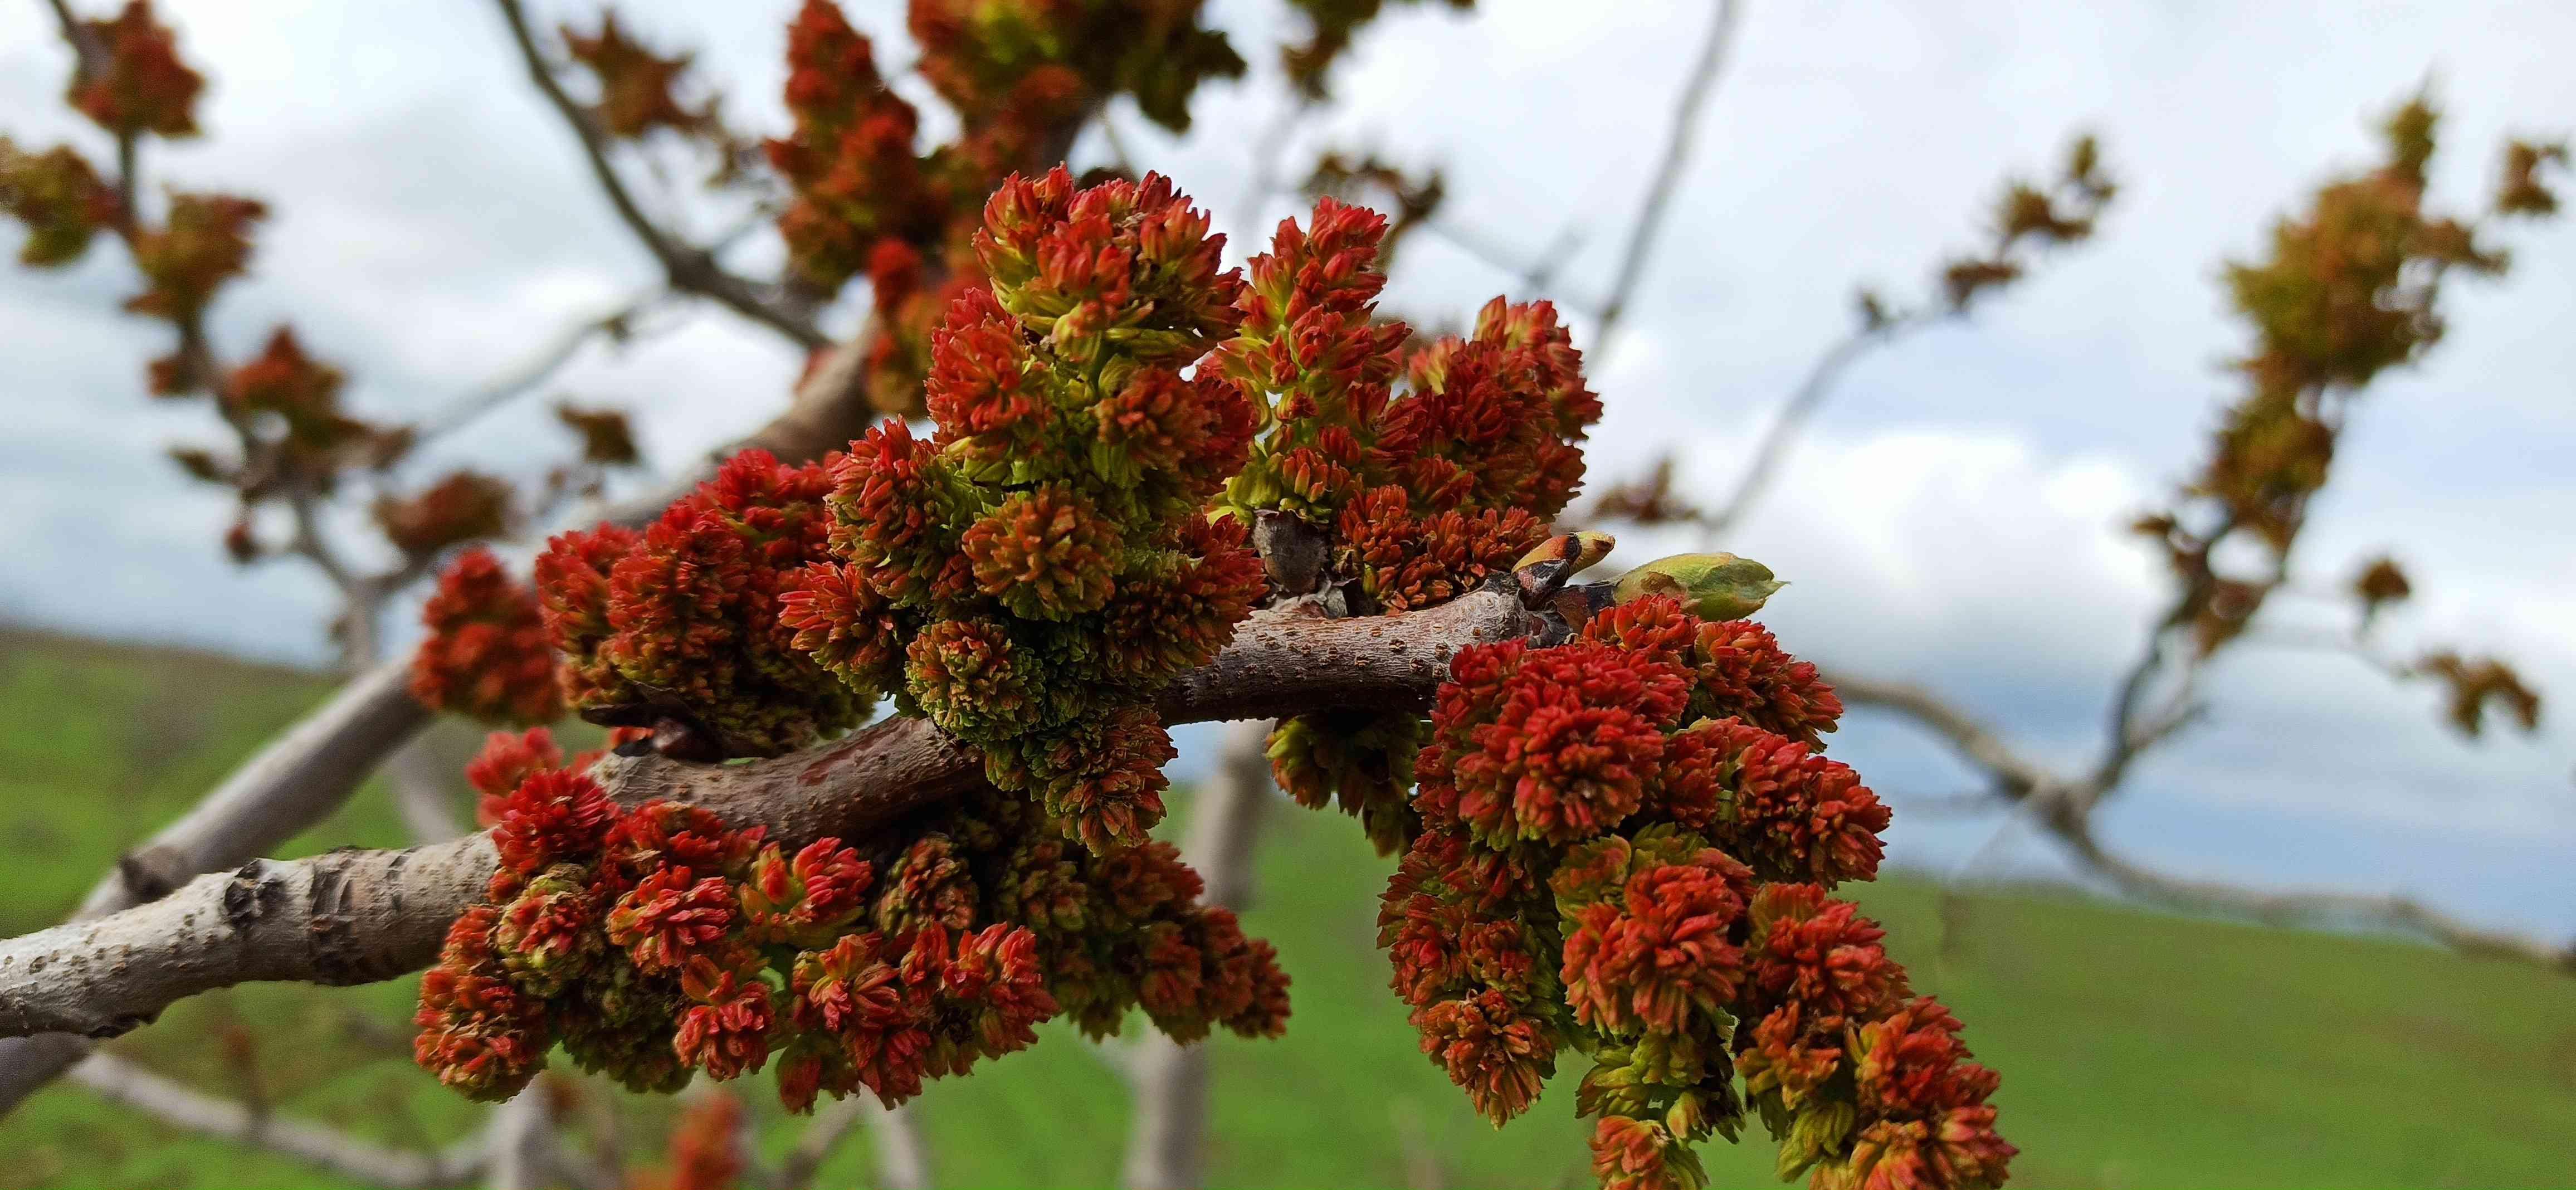 Pistachio tree in bud